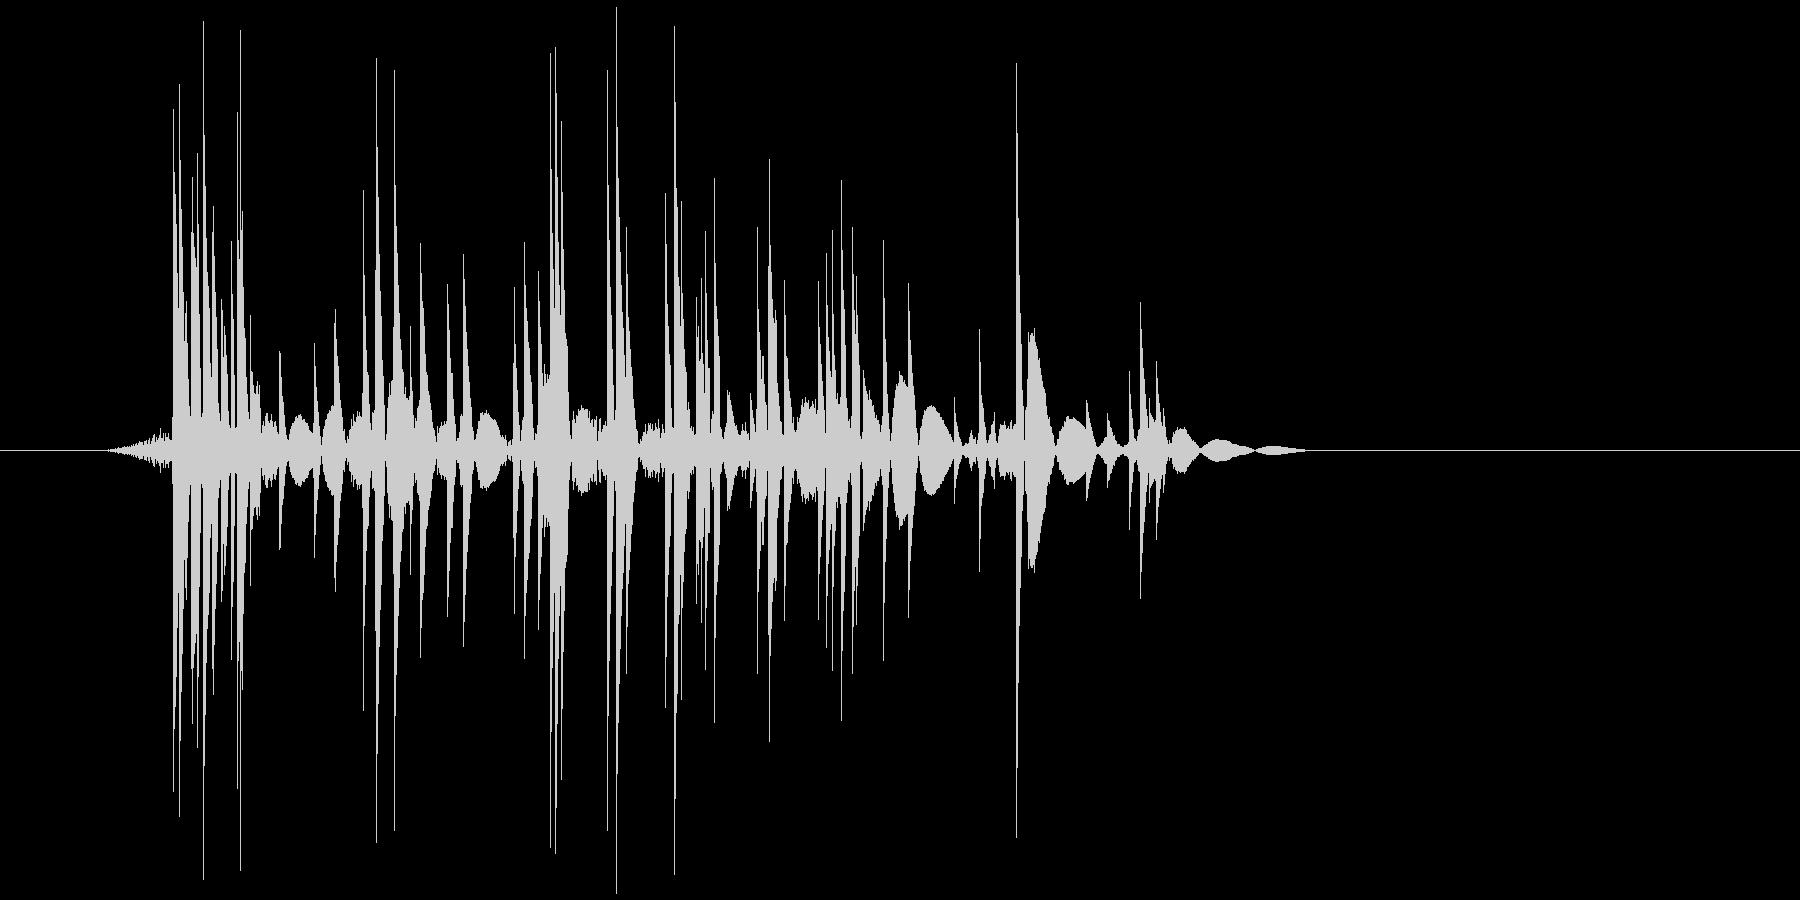 ゲーム(ファミコン風)爆発音_026の未再生の波形